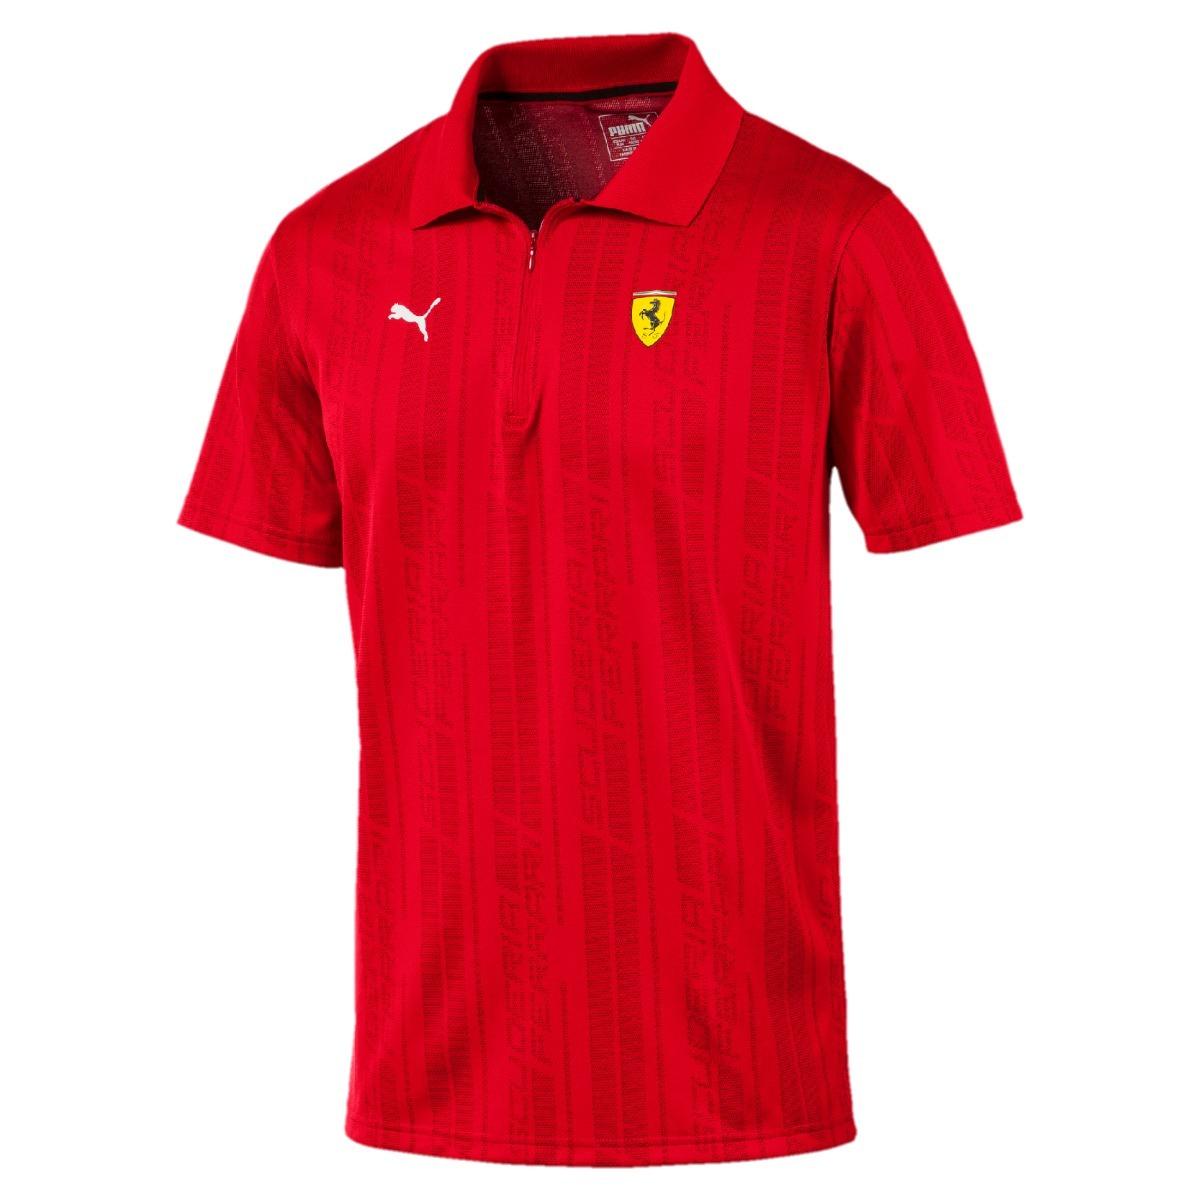 9f2365bf02 camisa ferrari puma sf jacquard polo rosso corsa - original. Carregando  zoom.